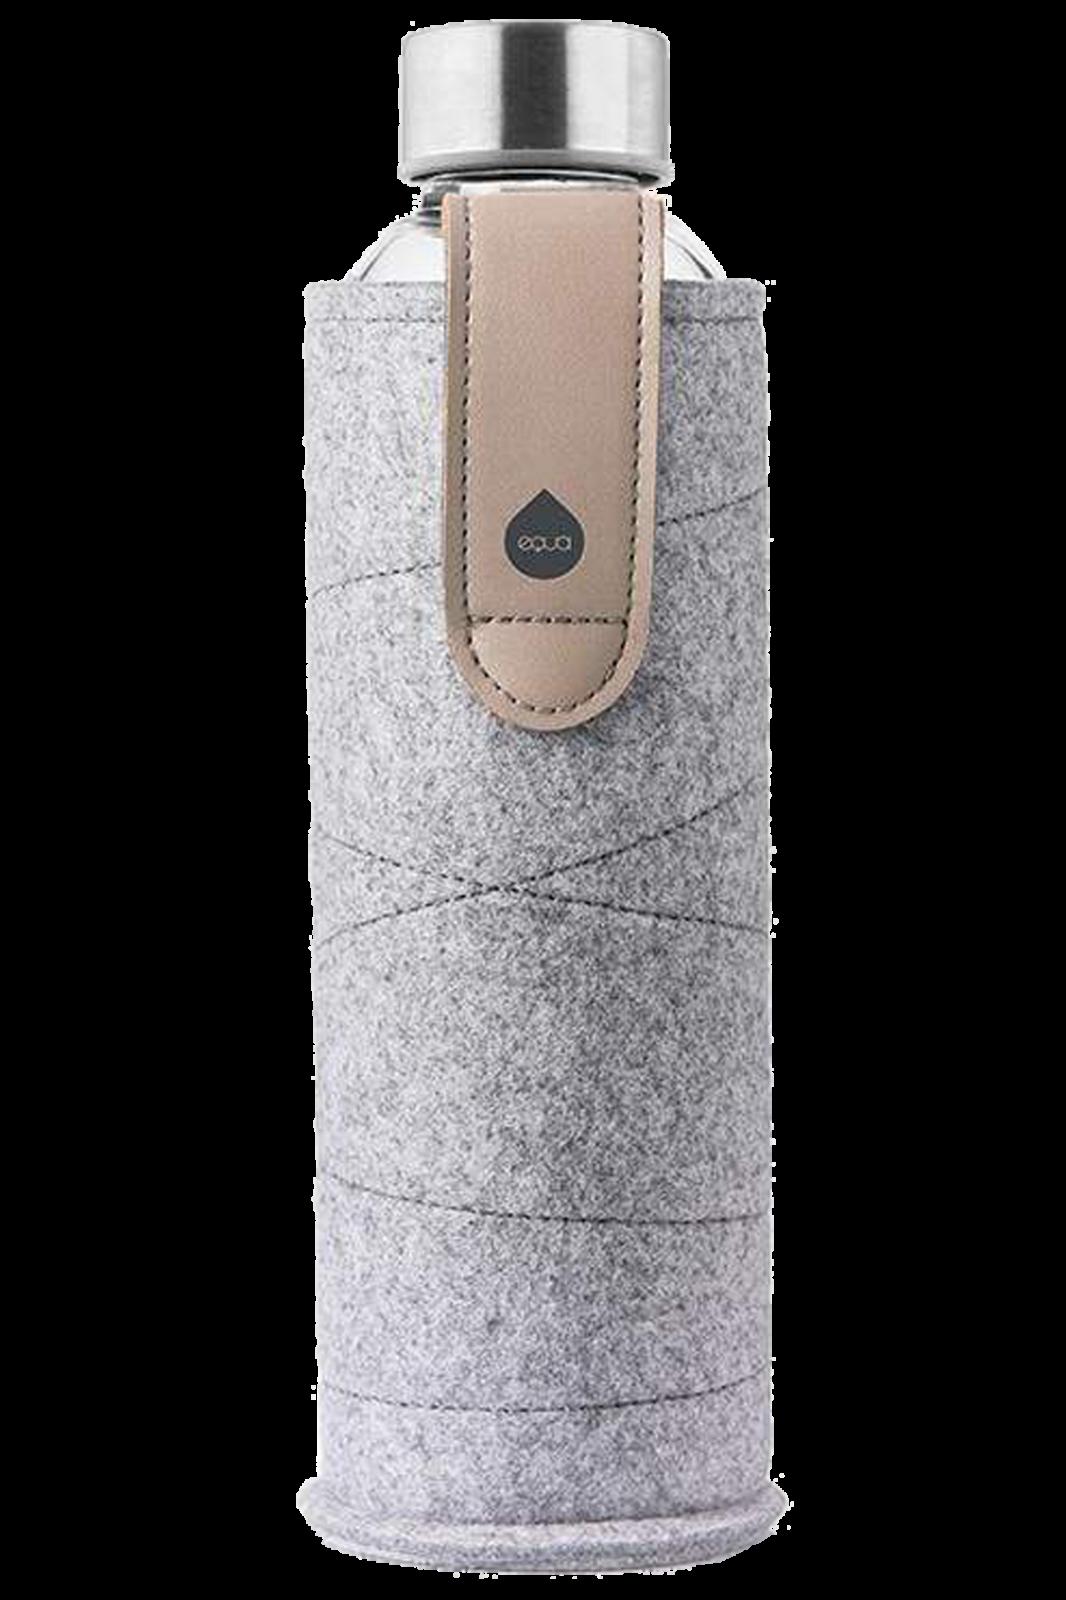 Skleněná láhev EQUA s plstěným obalem Mismatch Sand Sky